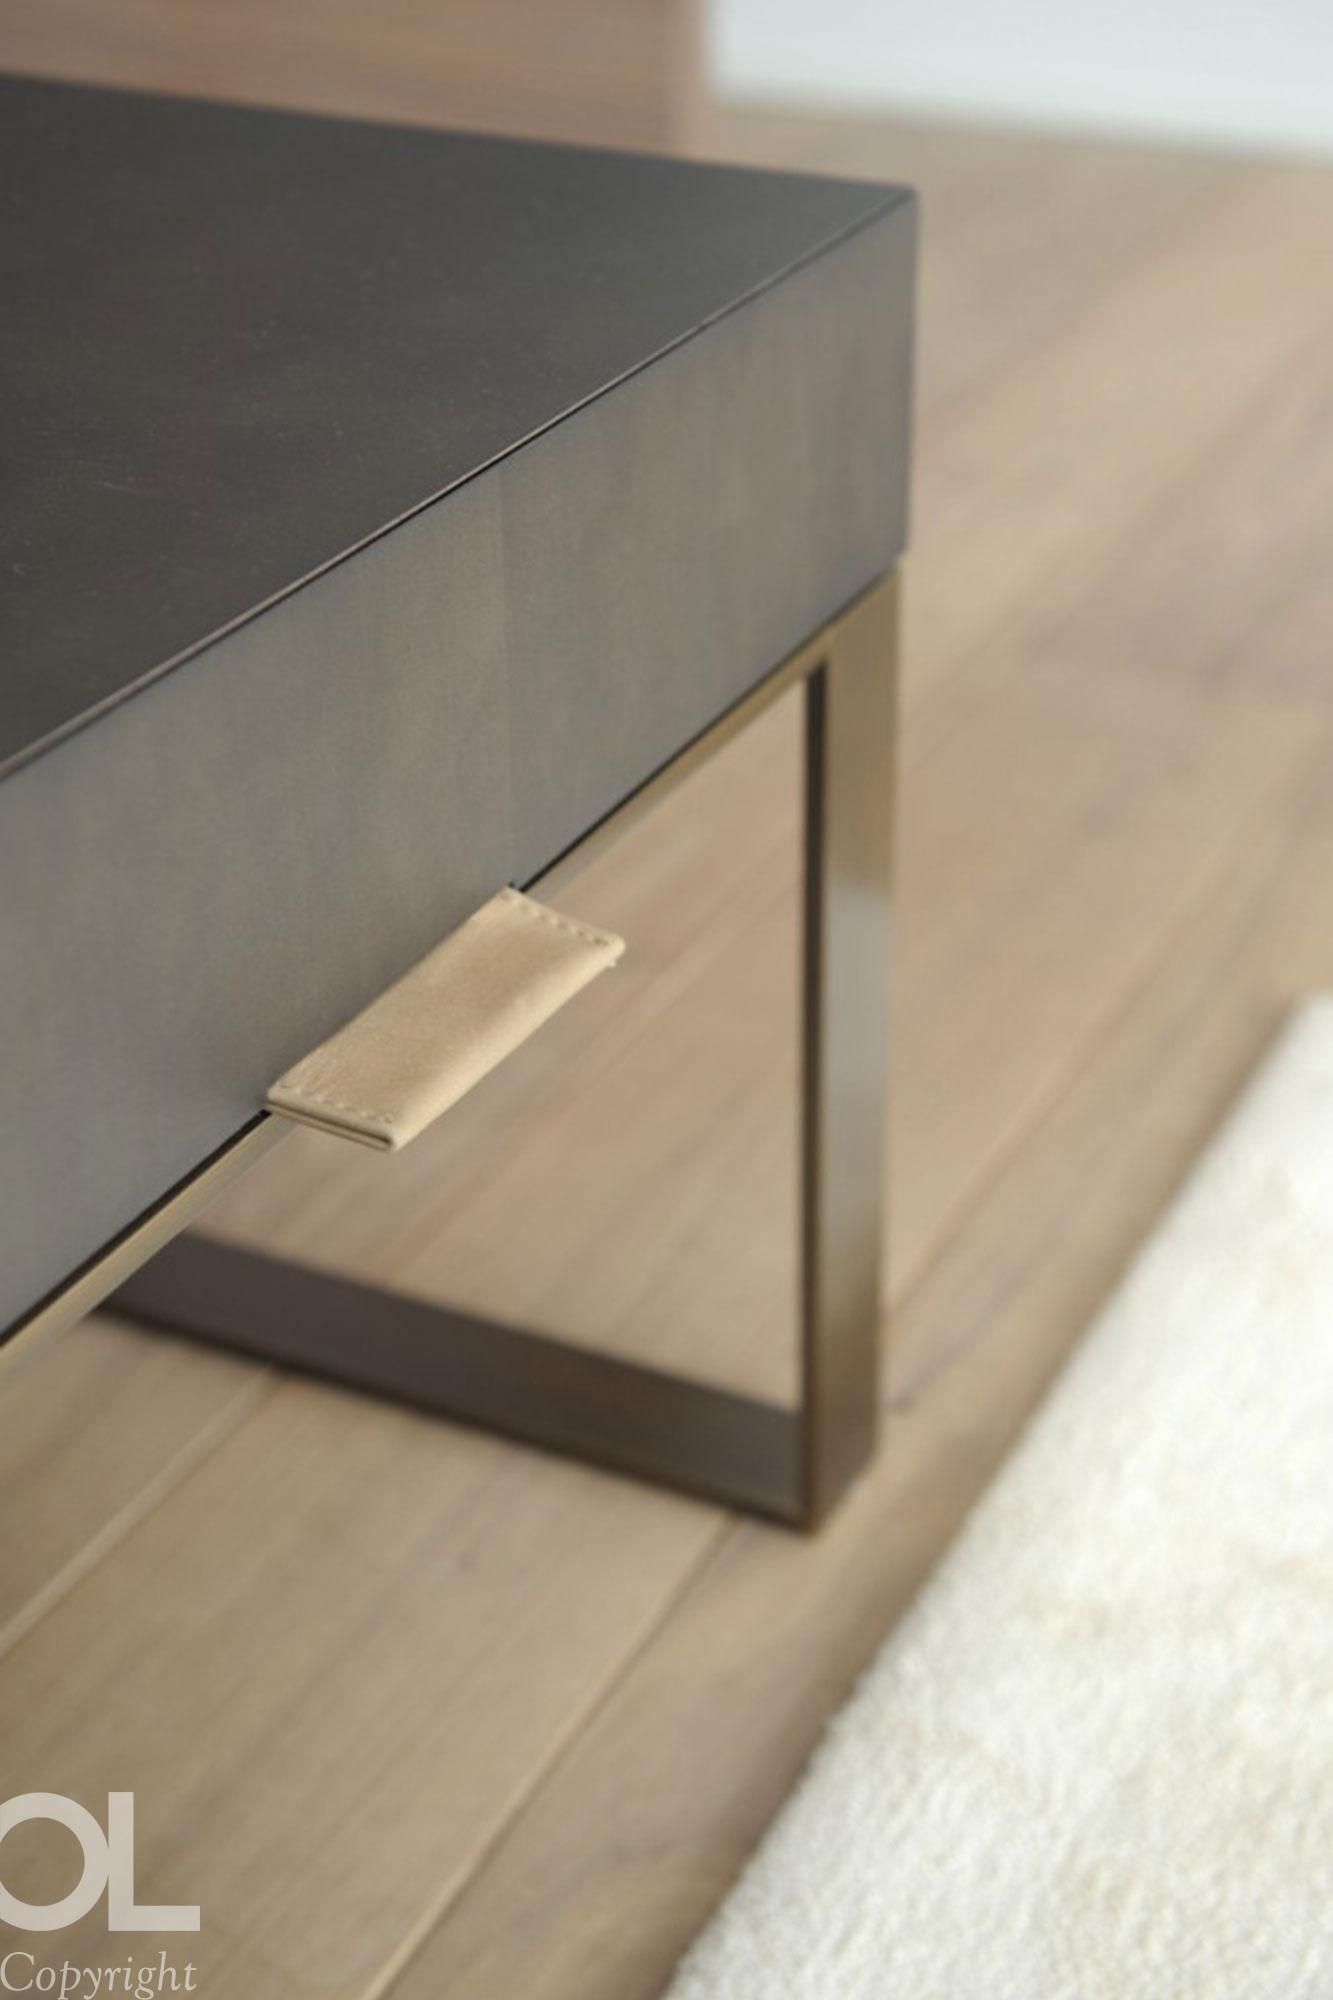 Helene Et Olivier Lempereur Fitted Furniture Furniture Side Tables Furniture Details